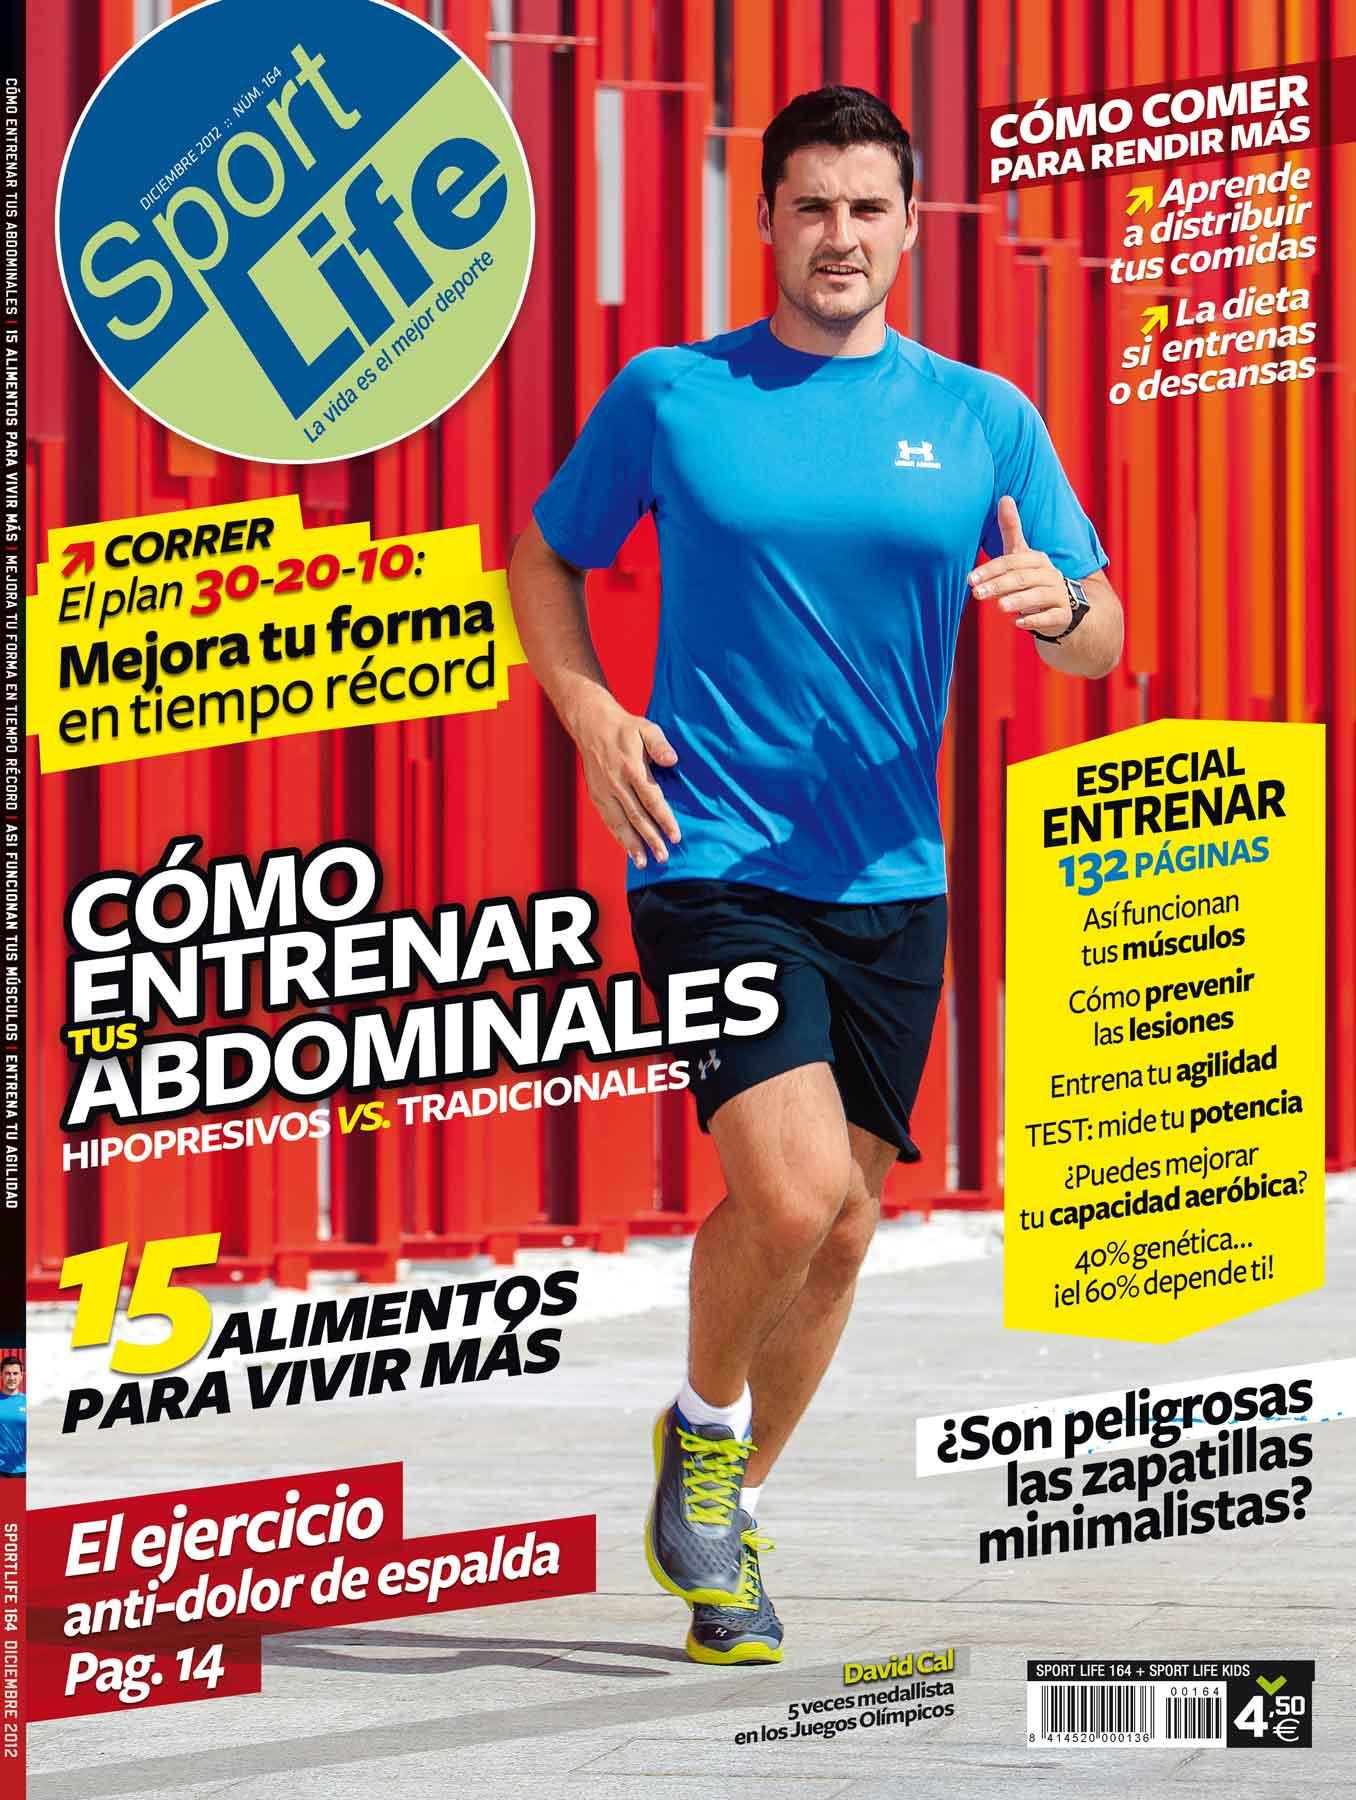 Sumario Sport Life 164 diciembre 2012